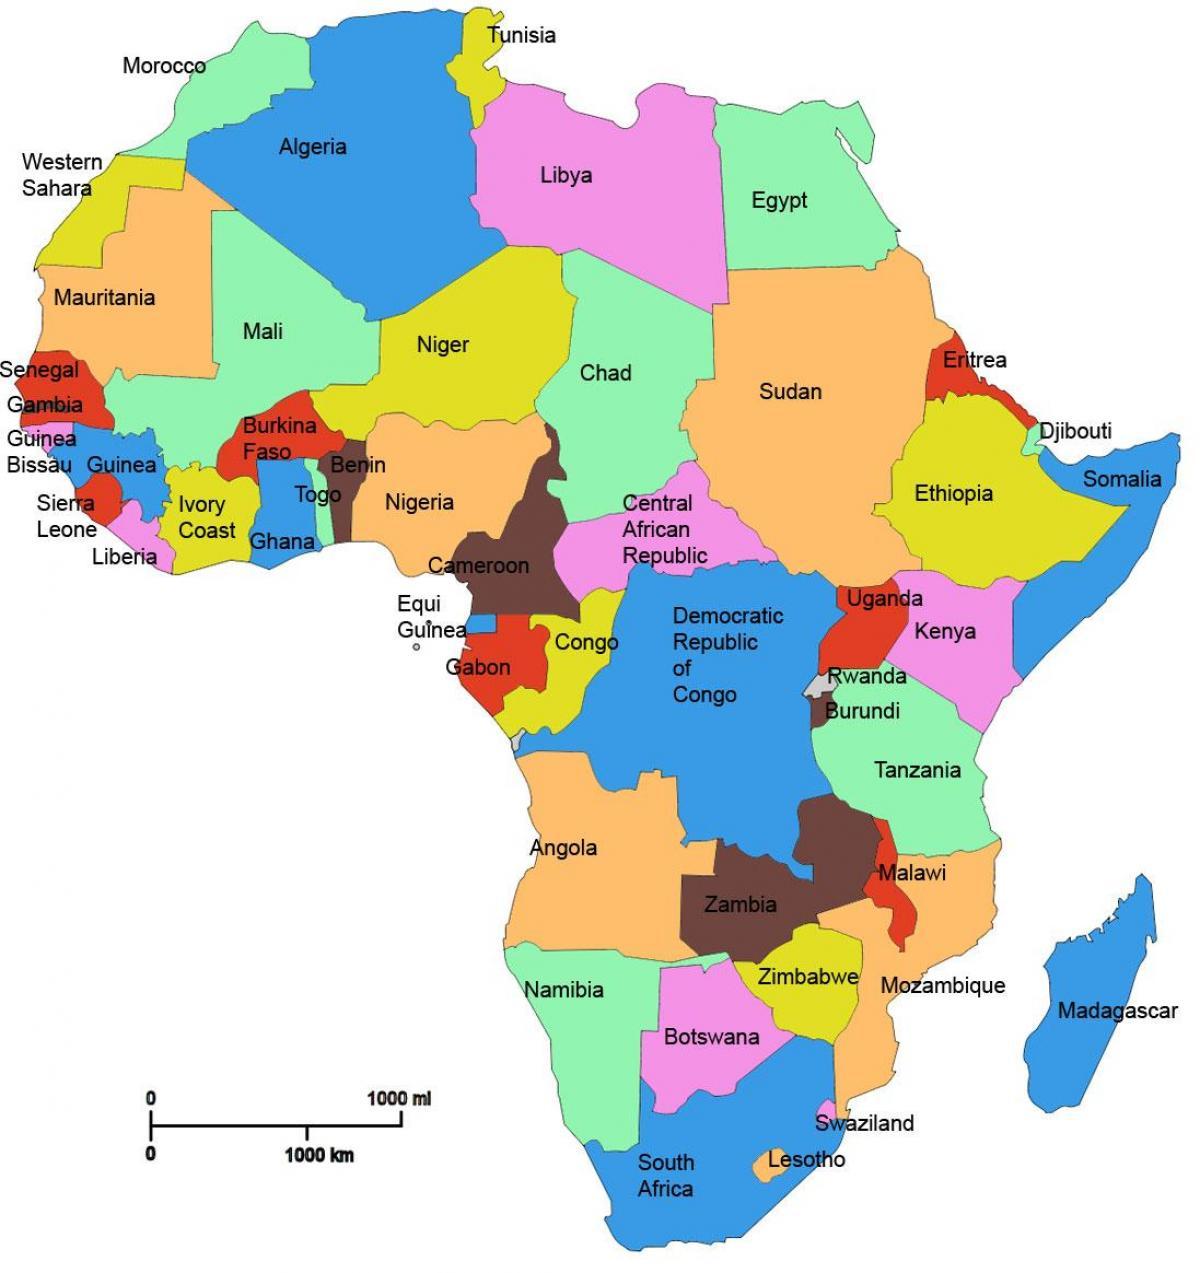 Tanzania Afrika Kort Et Kort Over Afrika Der Viser Tanzania